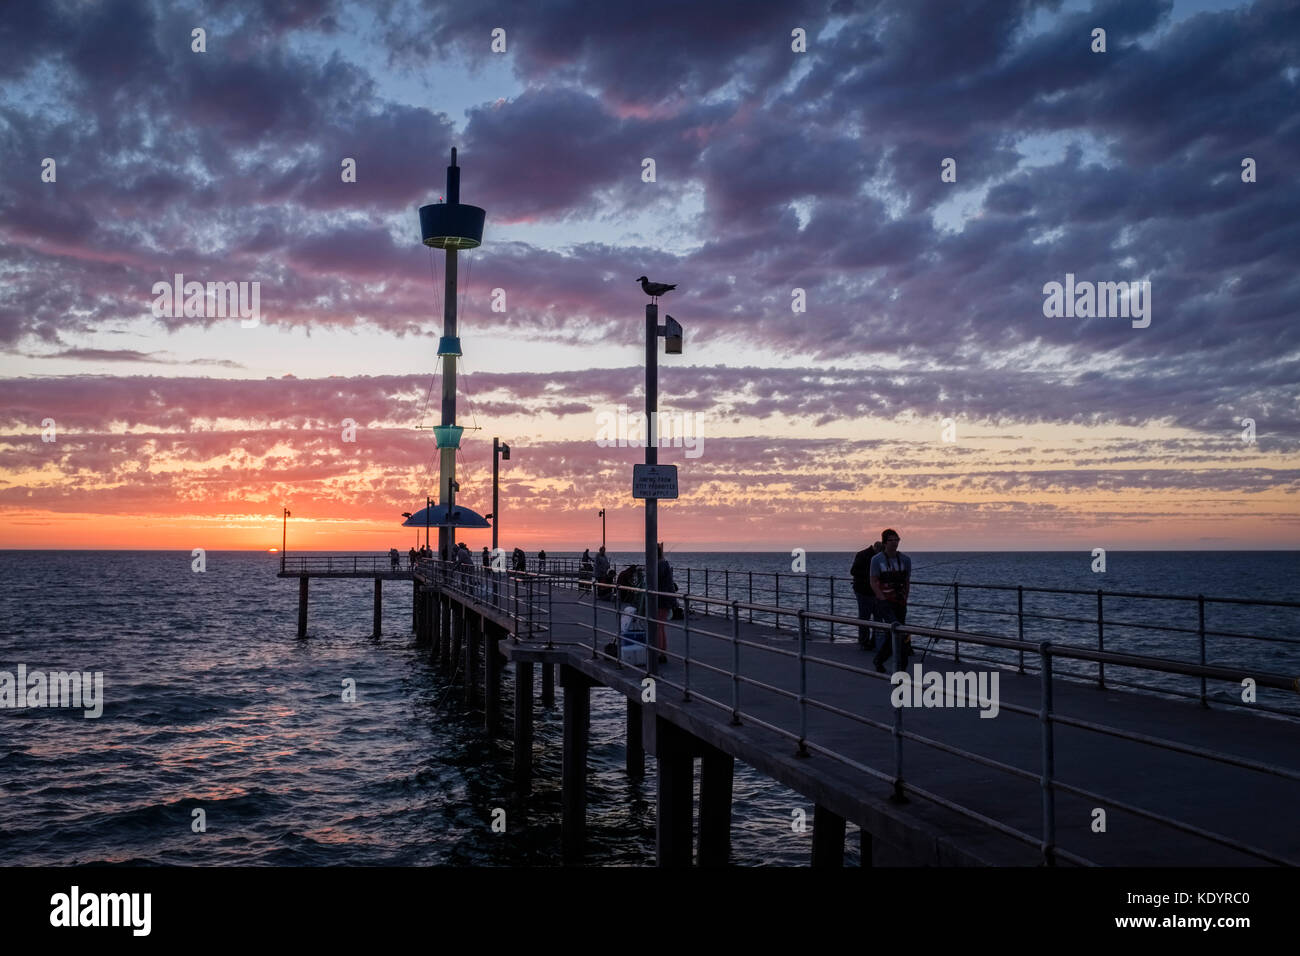 La gente disfruta de un hermoso atardecer en la playa en Adelaida del embarcadero de Brighton en una fresca noche Imagen De Stock